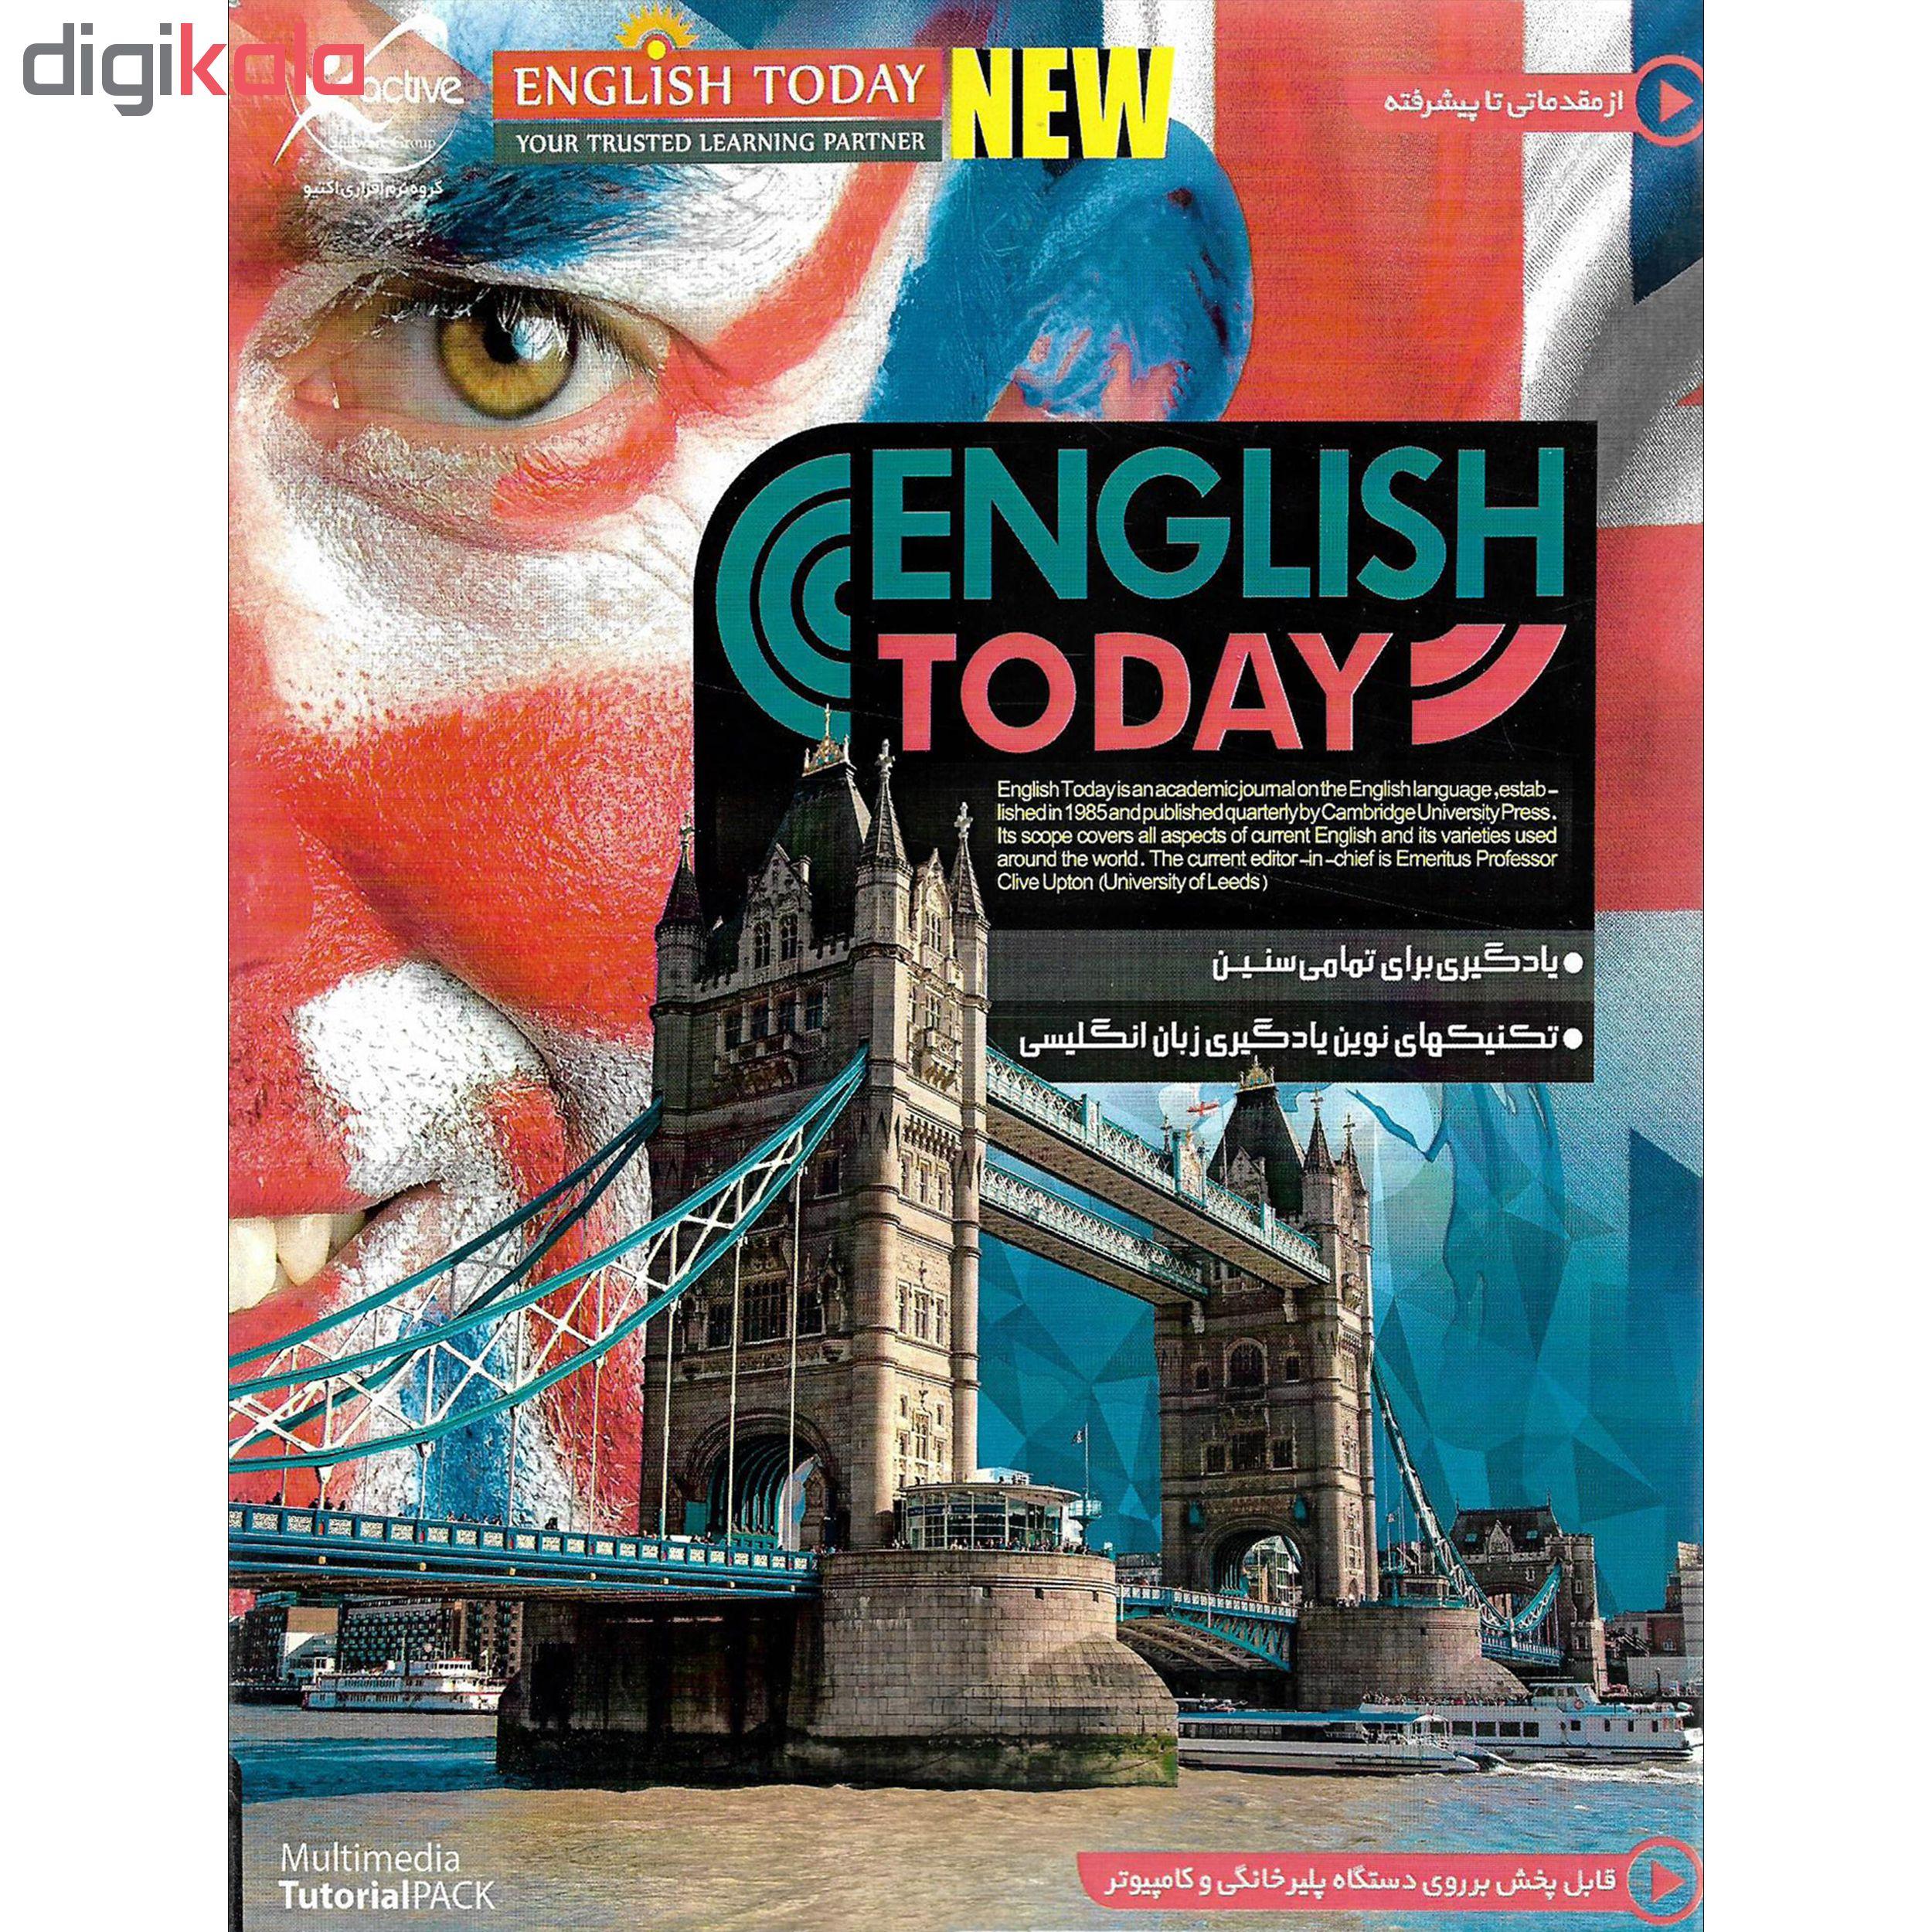 نرم افزار آموزش زبان انگلیسی نود روز نشر پدیده به همراه نرم افزار آموزش زبان ENGLISH TODAY نشر گروه نرم افزاری اکتیو